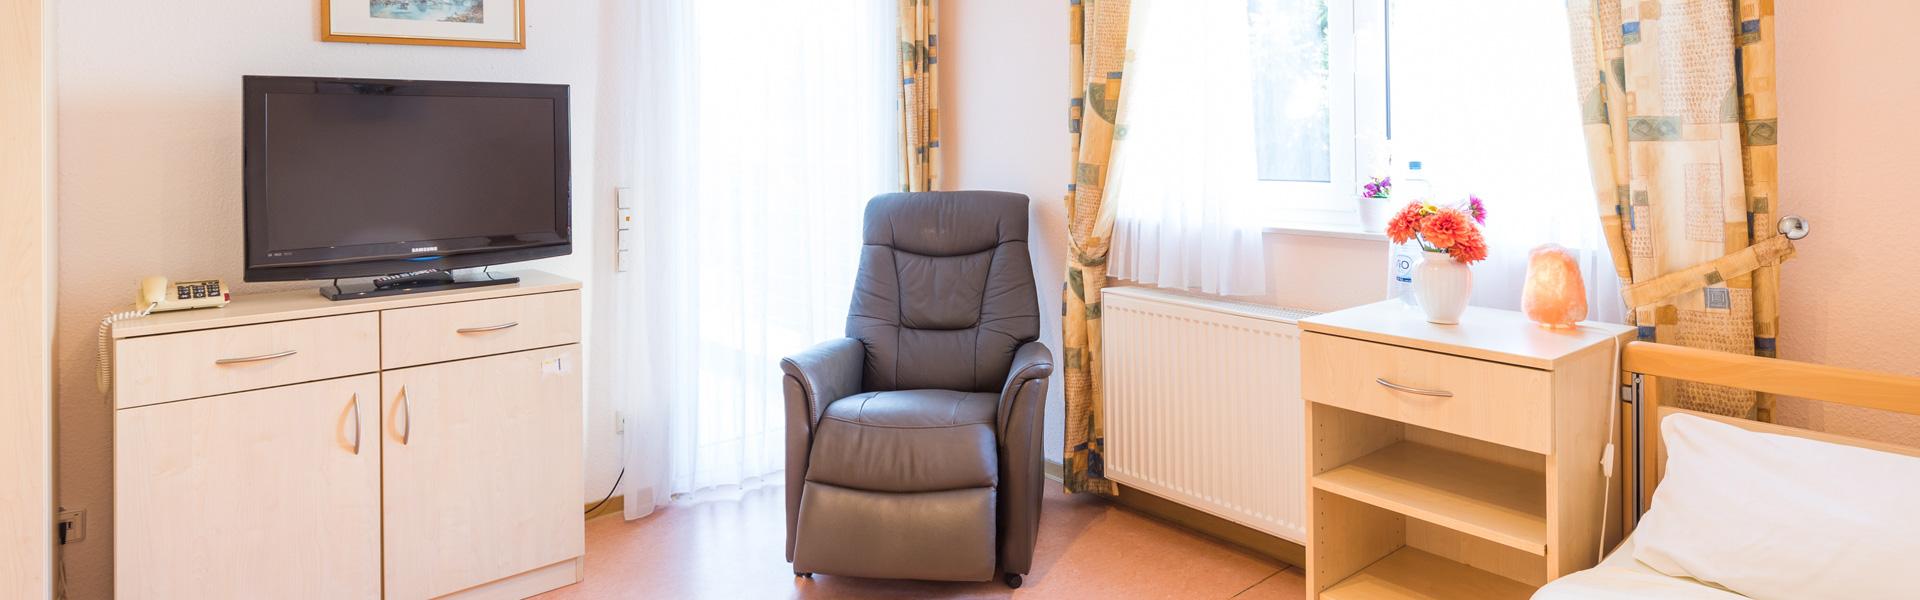 Ein Blick in ein Pflege-Zimmer